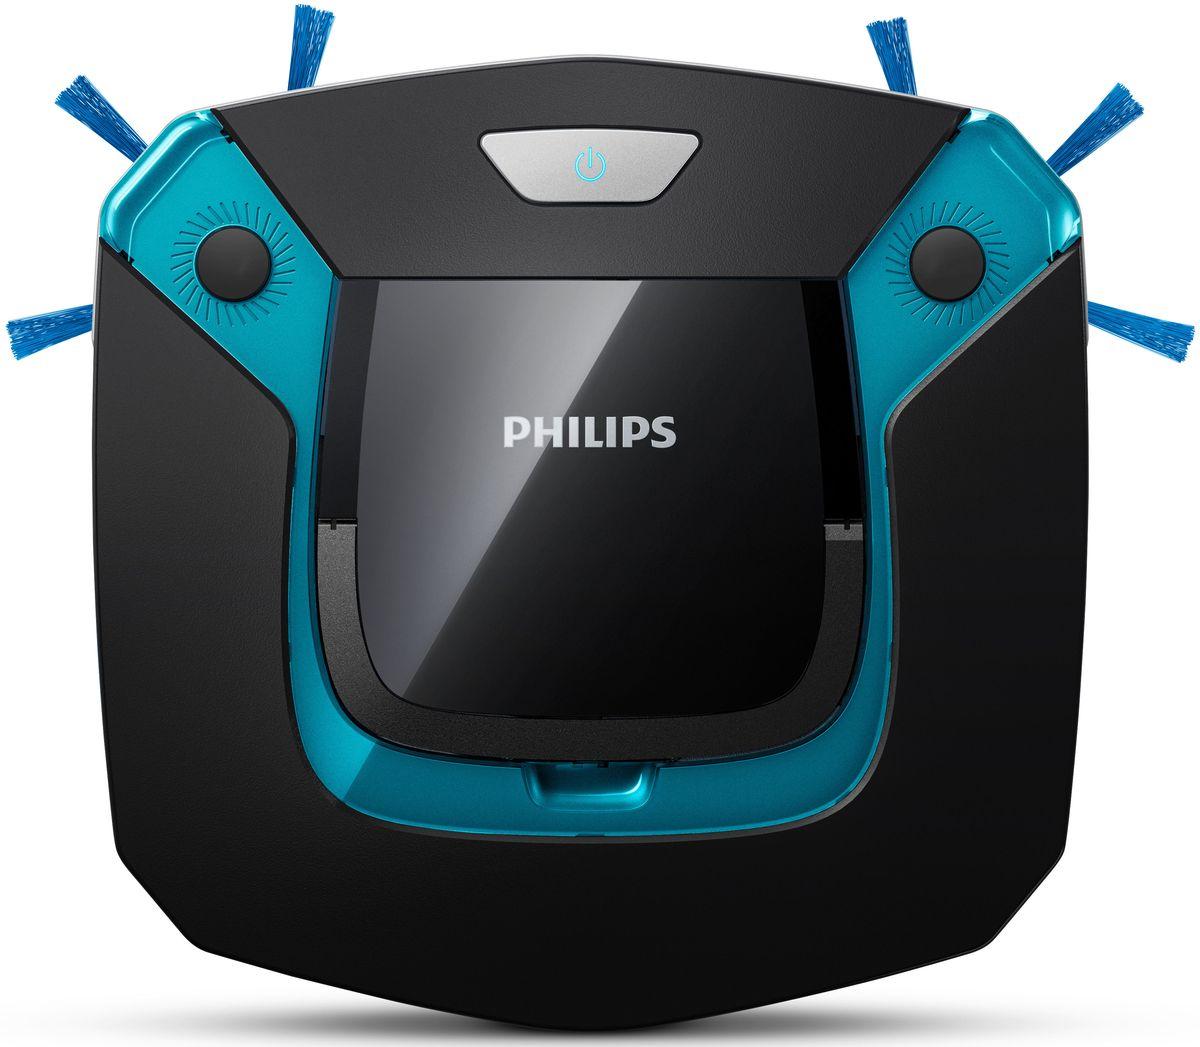 Philips SmartPro Easy FC8794/01 робот-пылесос с влажной уборкой